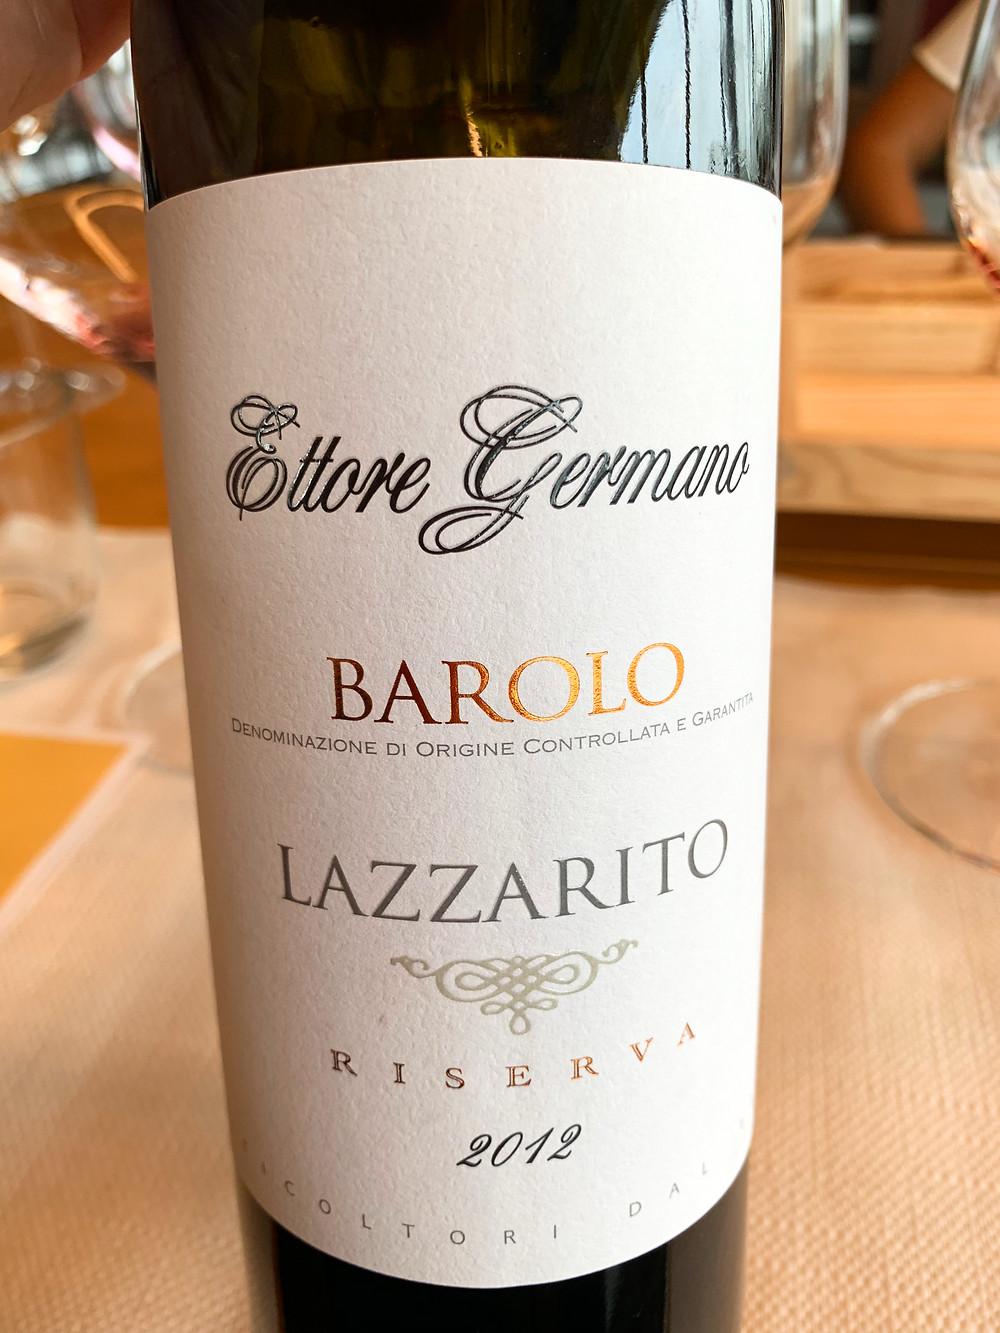 Ettore Germano, Barolo, Piemonte